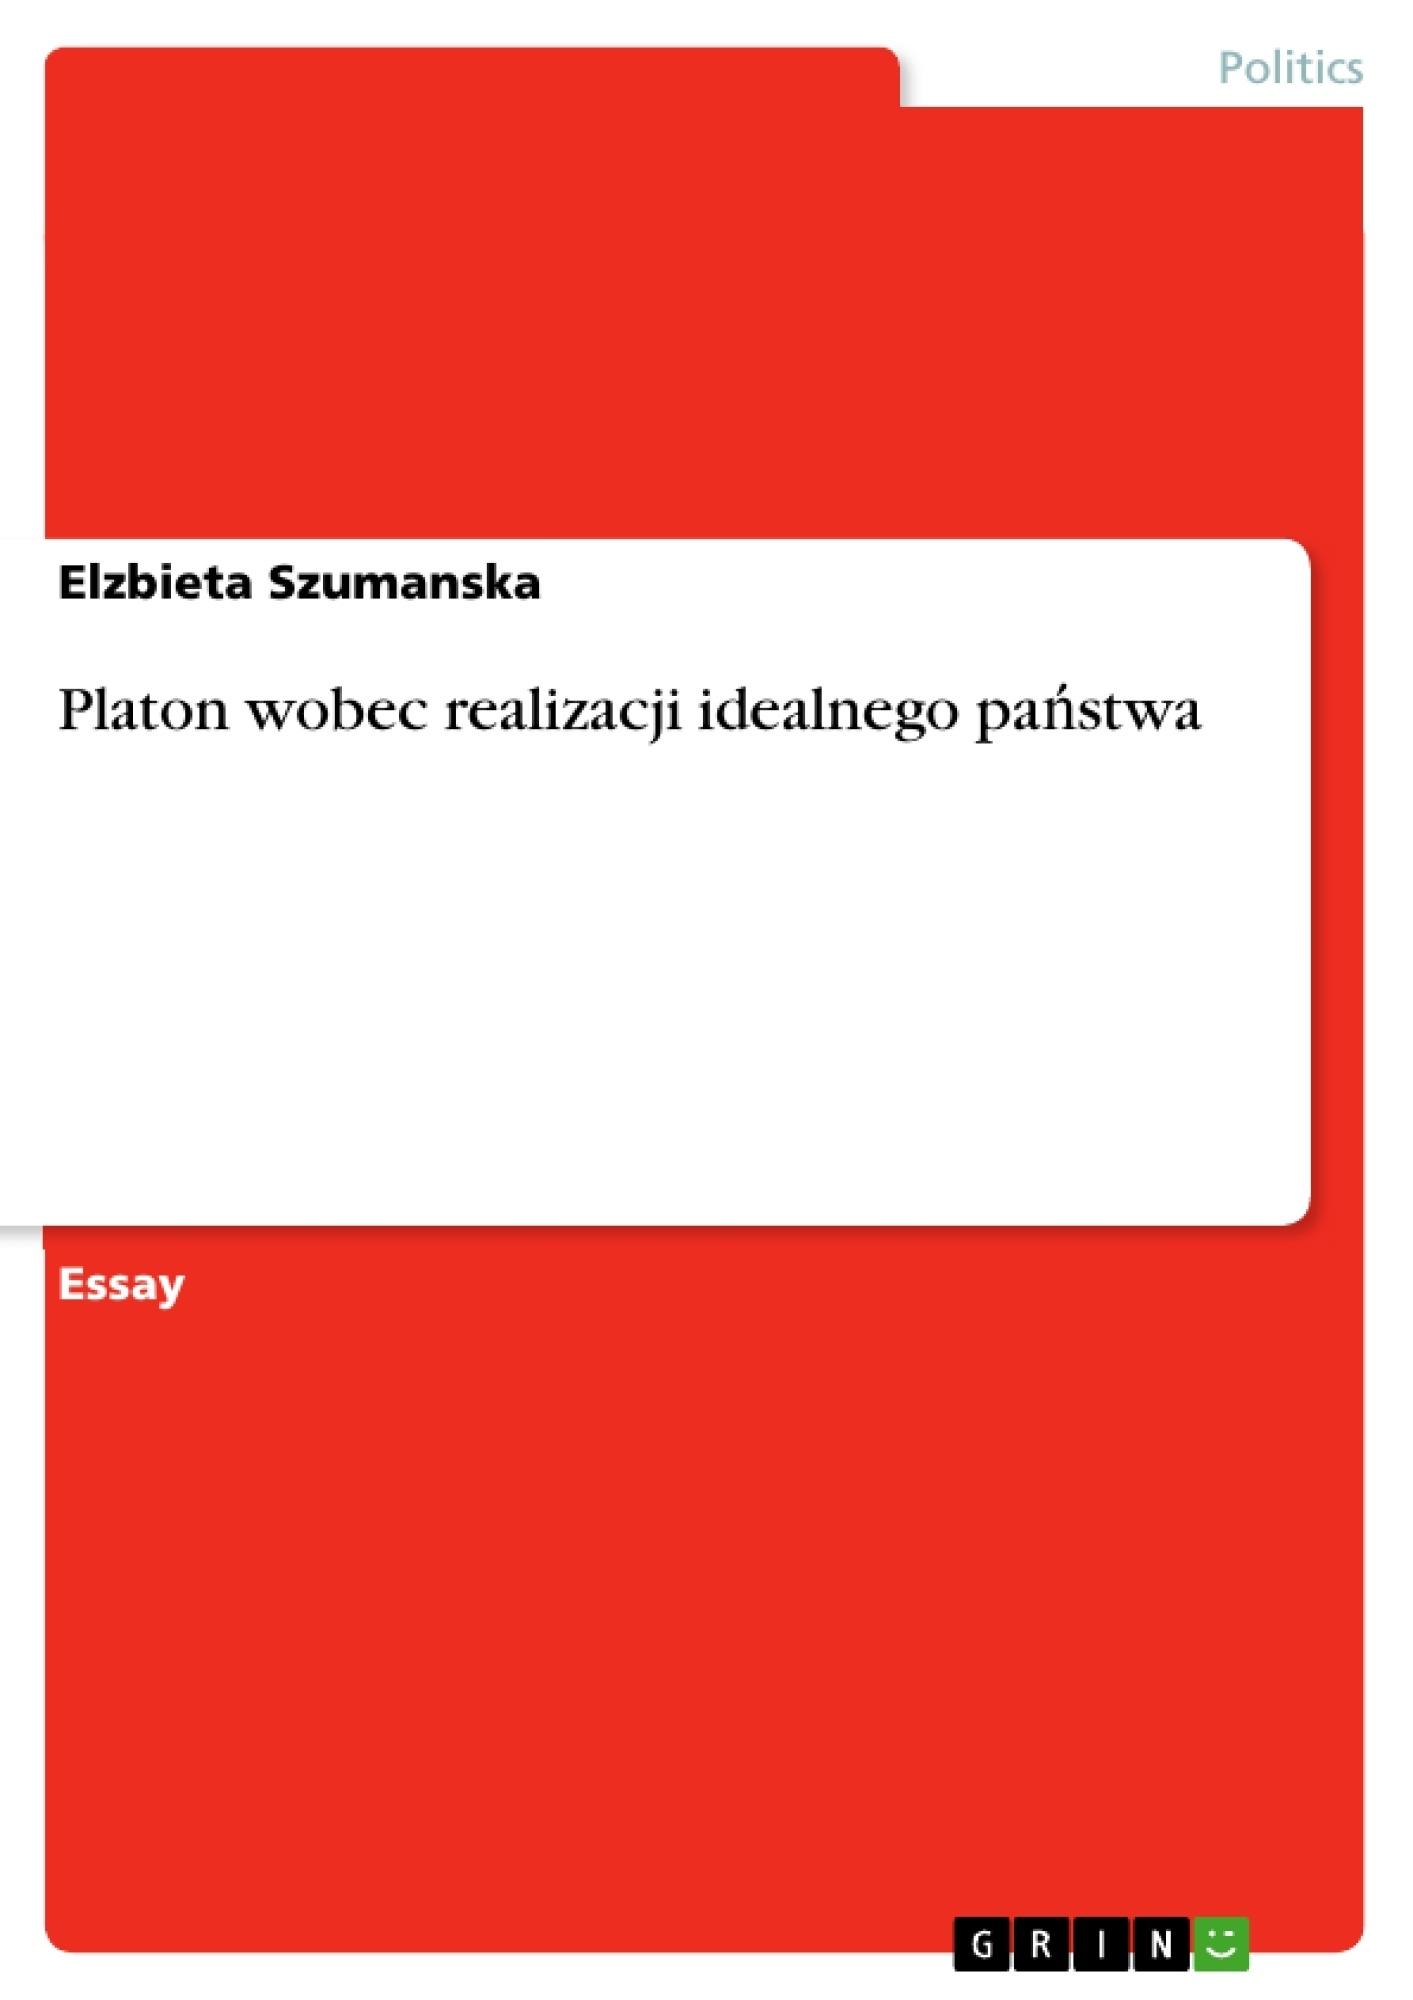 Title: Platon wobec realizacji idealnego państwa